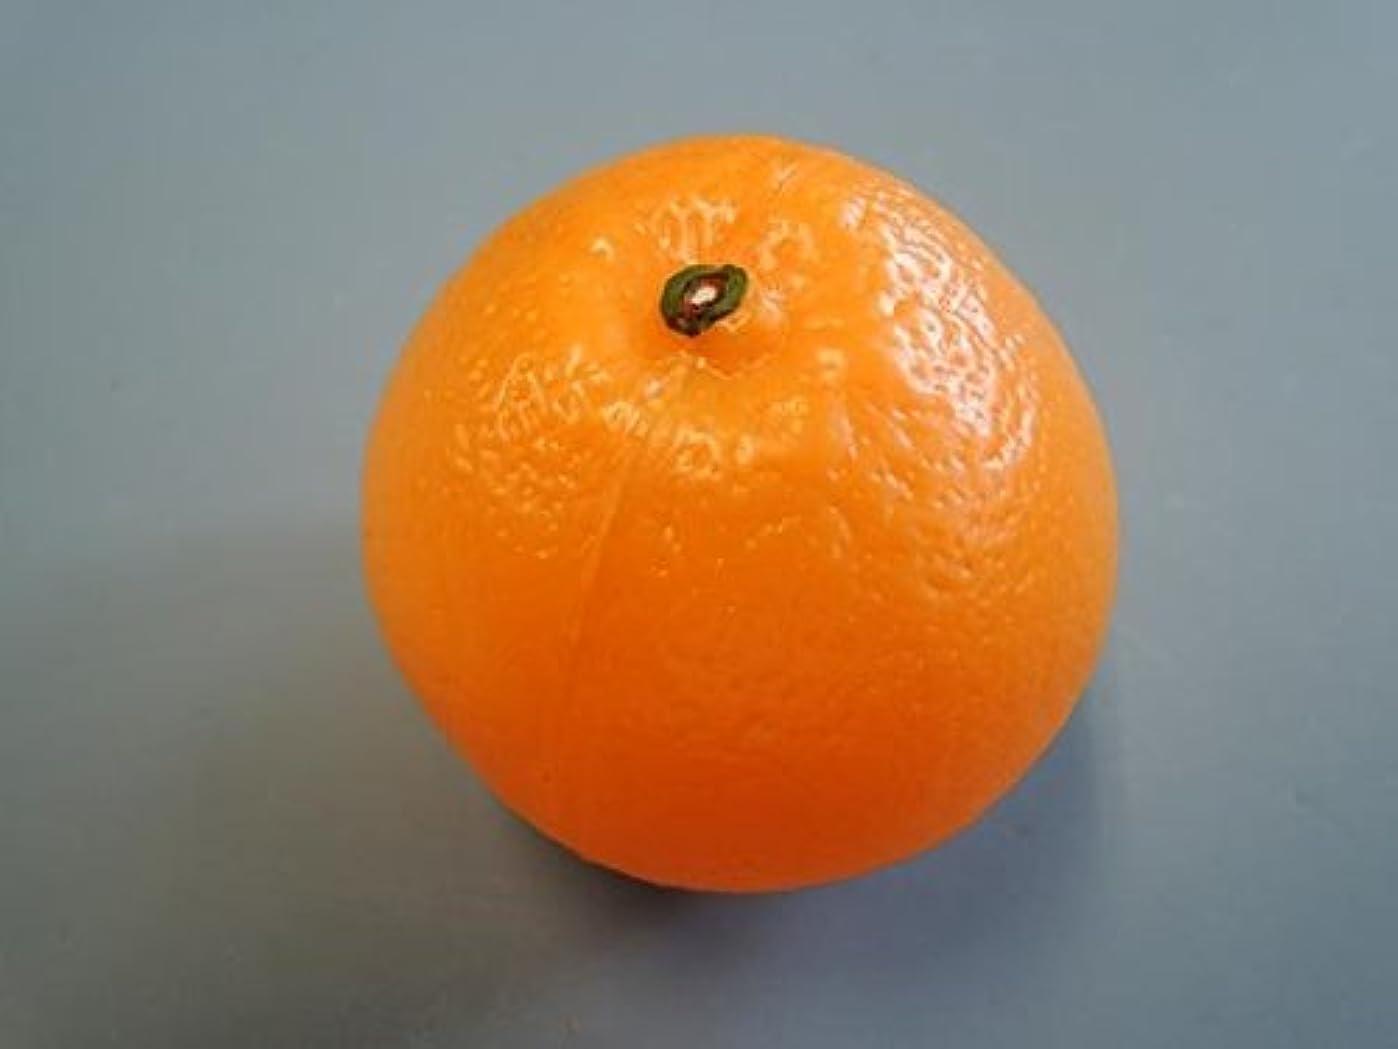 シマウマ社員出席する日本職人が作る 食品サンプル オレンジ IP-350